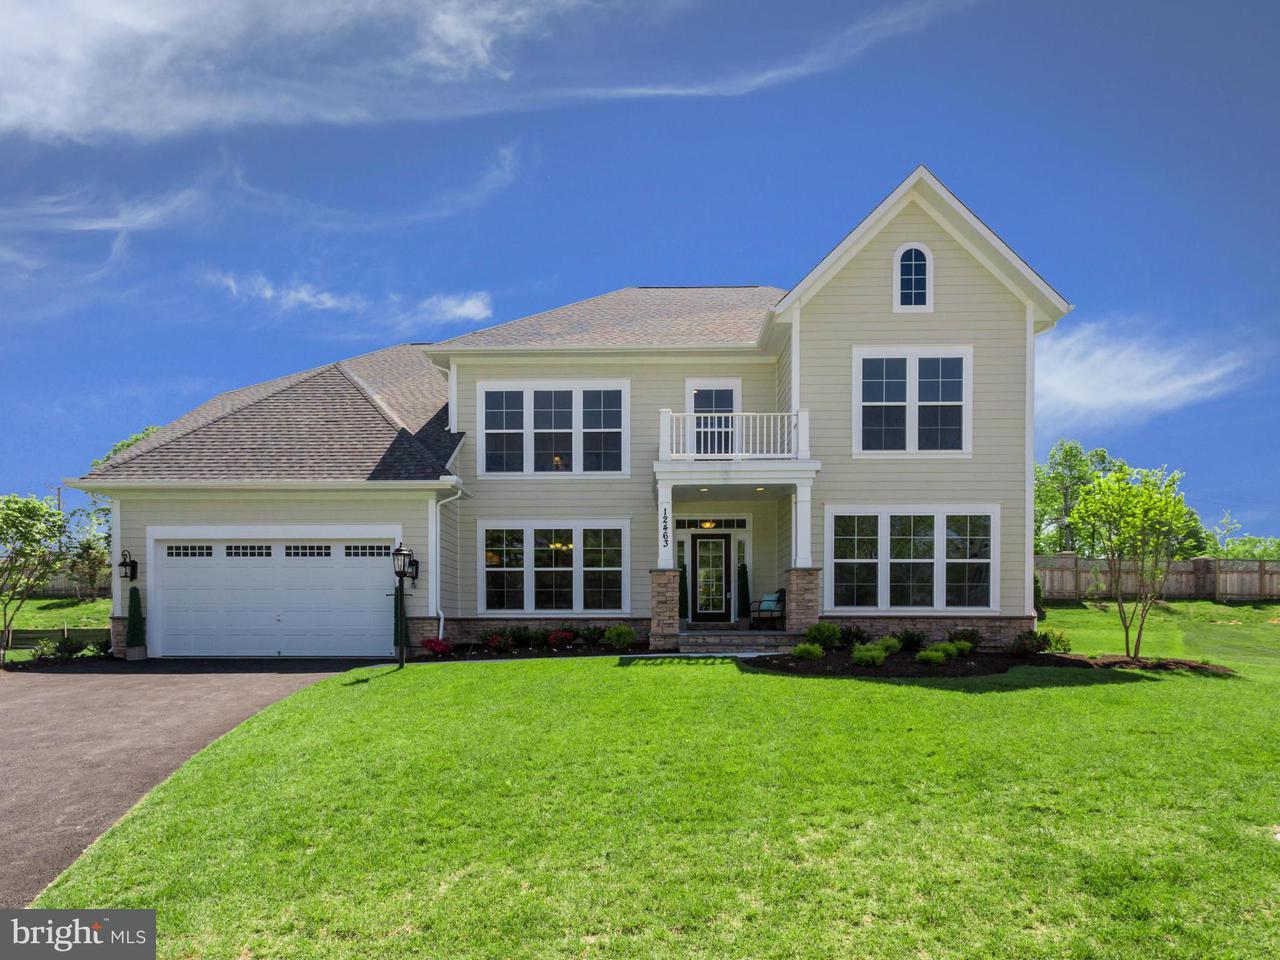 Casa Unifamiliar por un Venta en 12463 MARGARET THOMAS Lane 12463 MARGARET THOMAS Lane Oak Hill, Virginia 20171 Estados Unidos